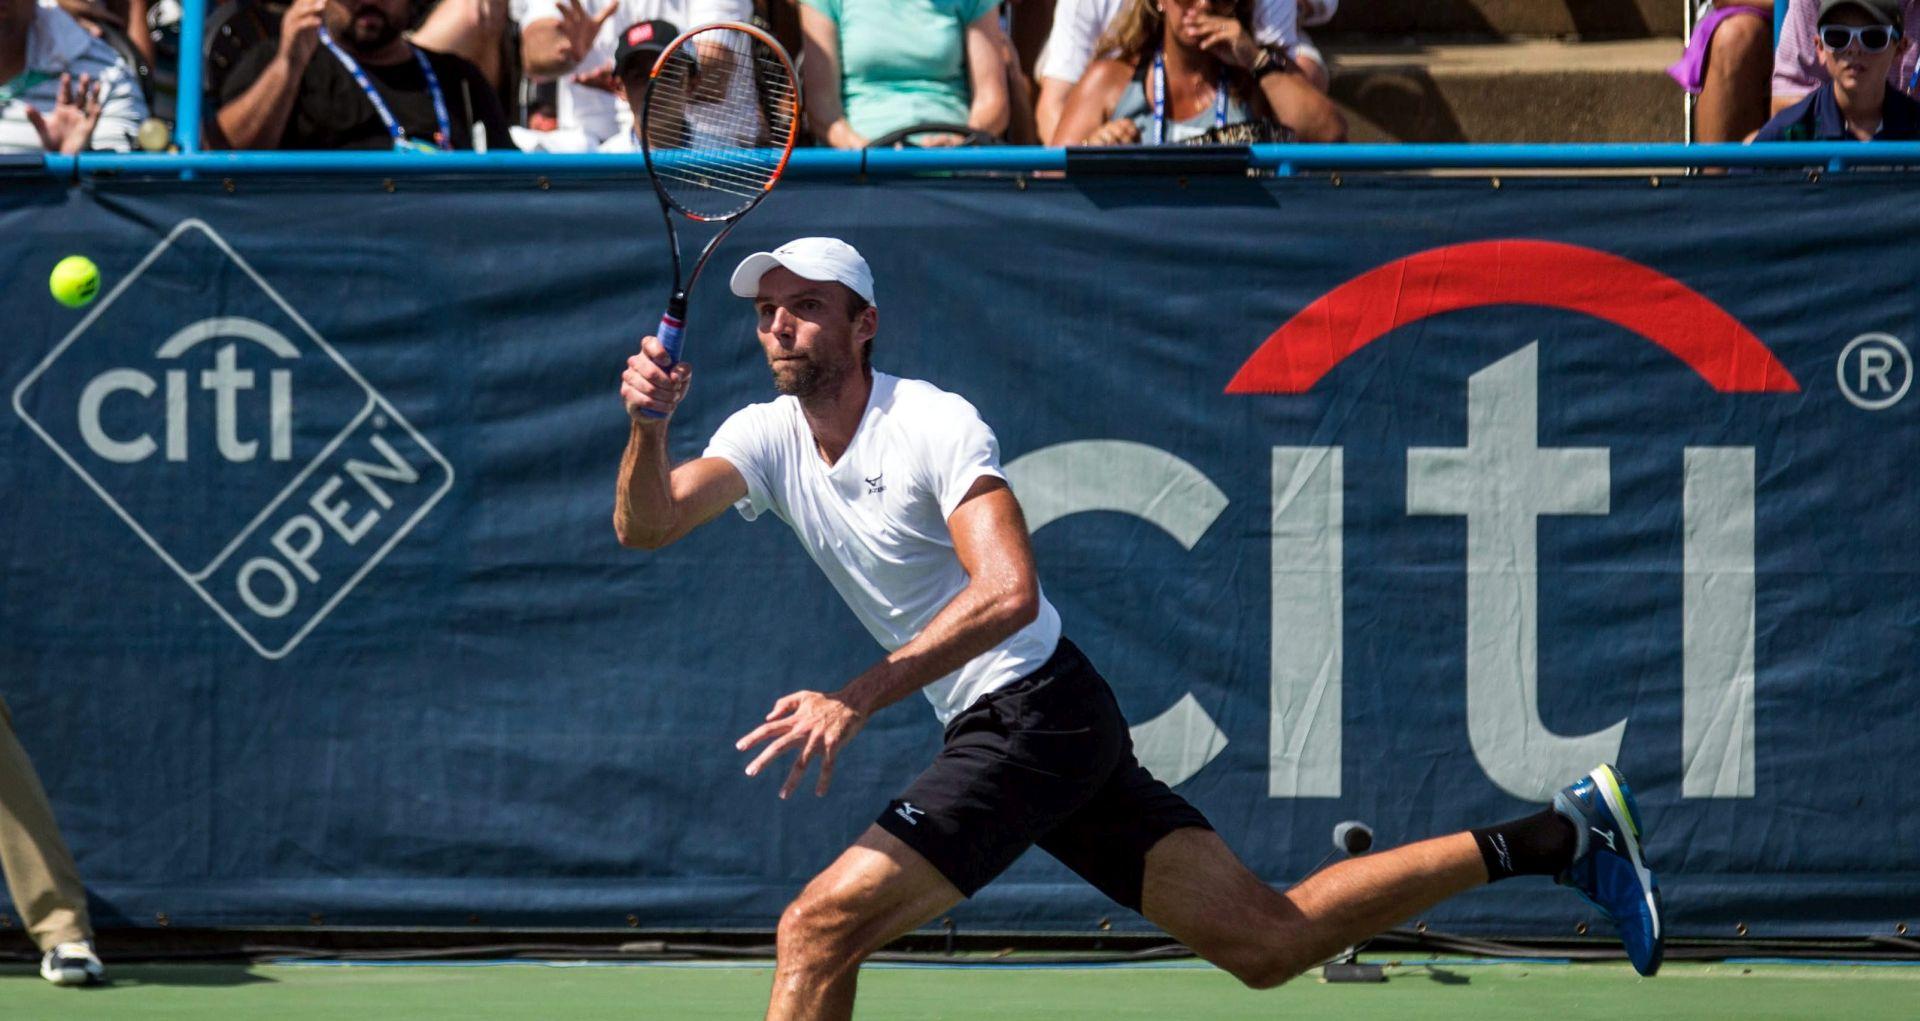 ATP LJESTVICA Čilić 14., Karloviću napredak nakon slavlja u Los Cabosu